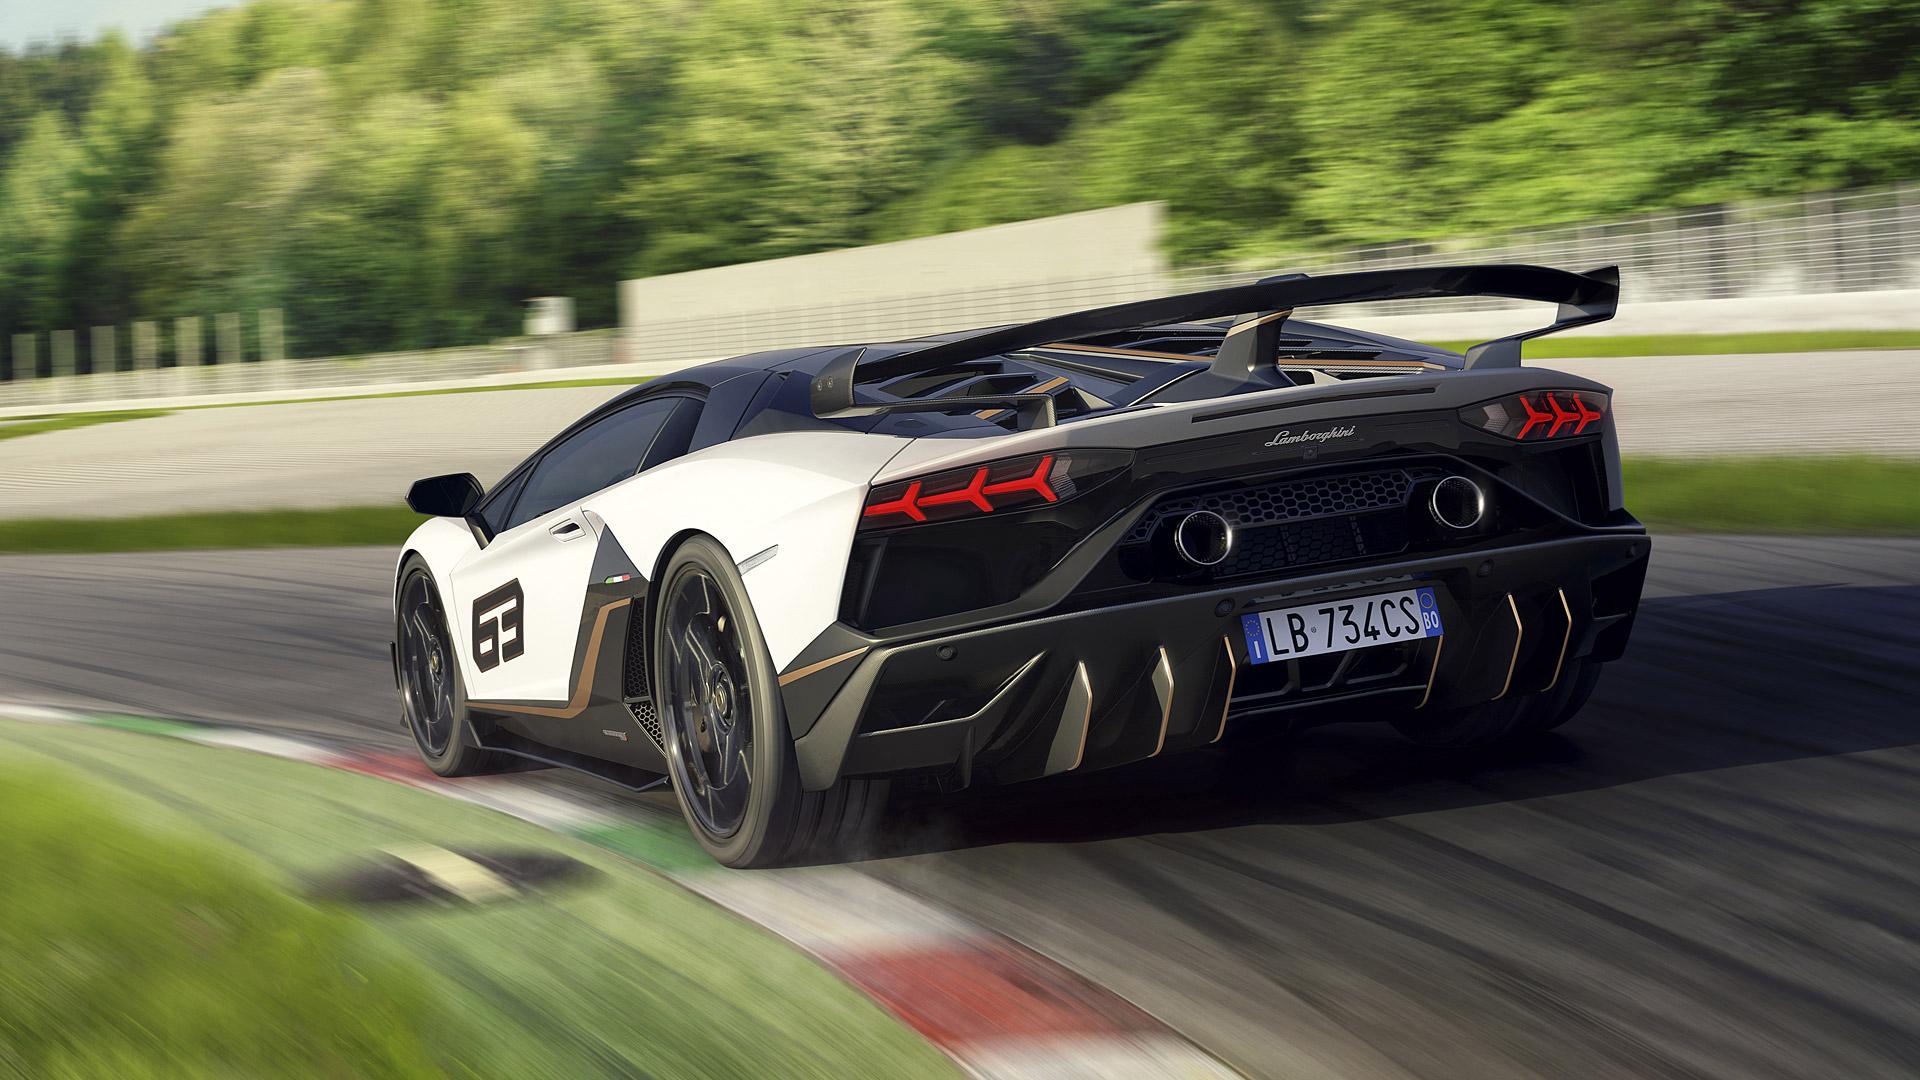 31 Lamborghini Aventador Svj Wallpapers On Wallpapersafari